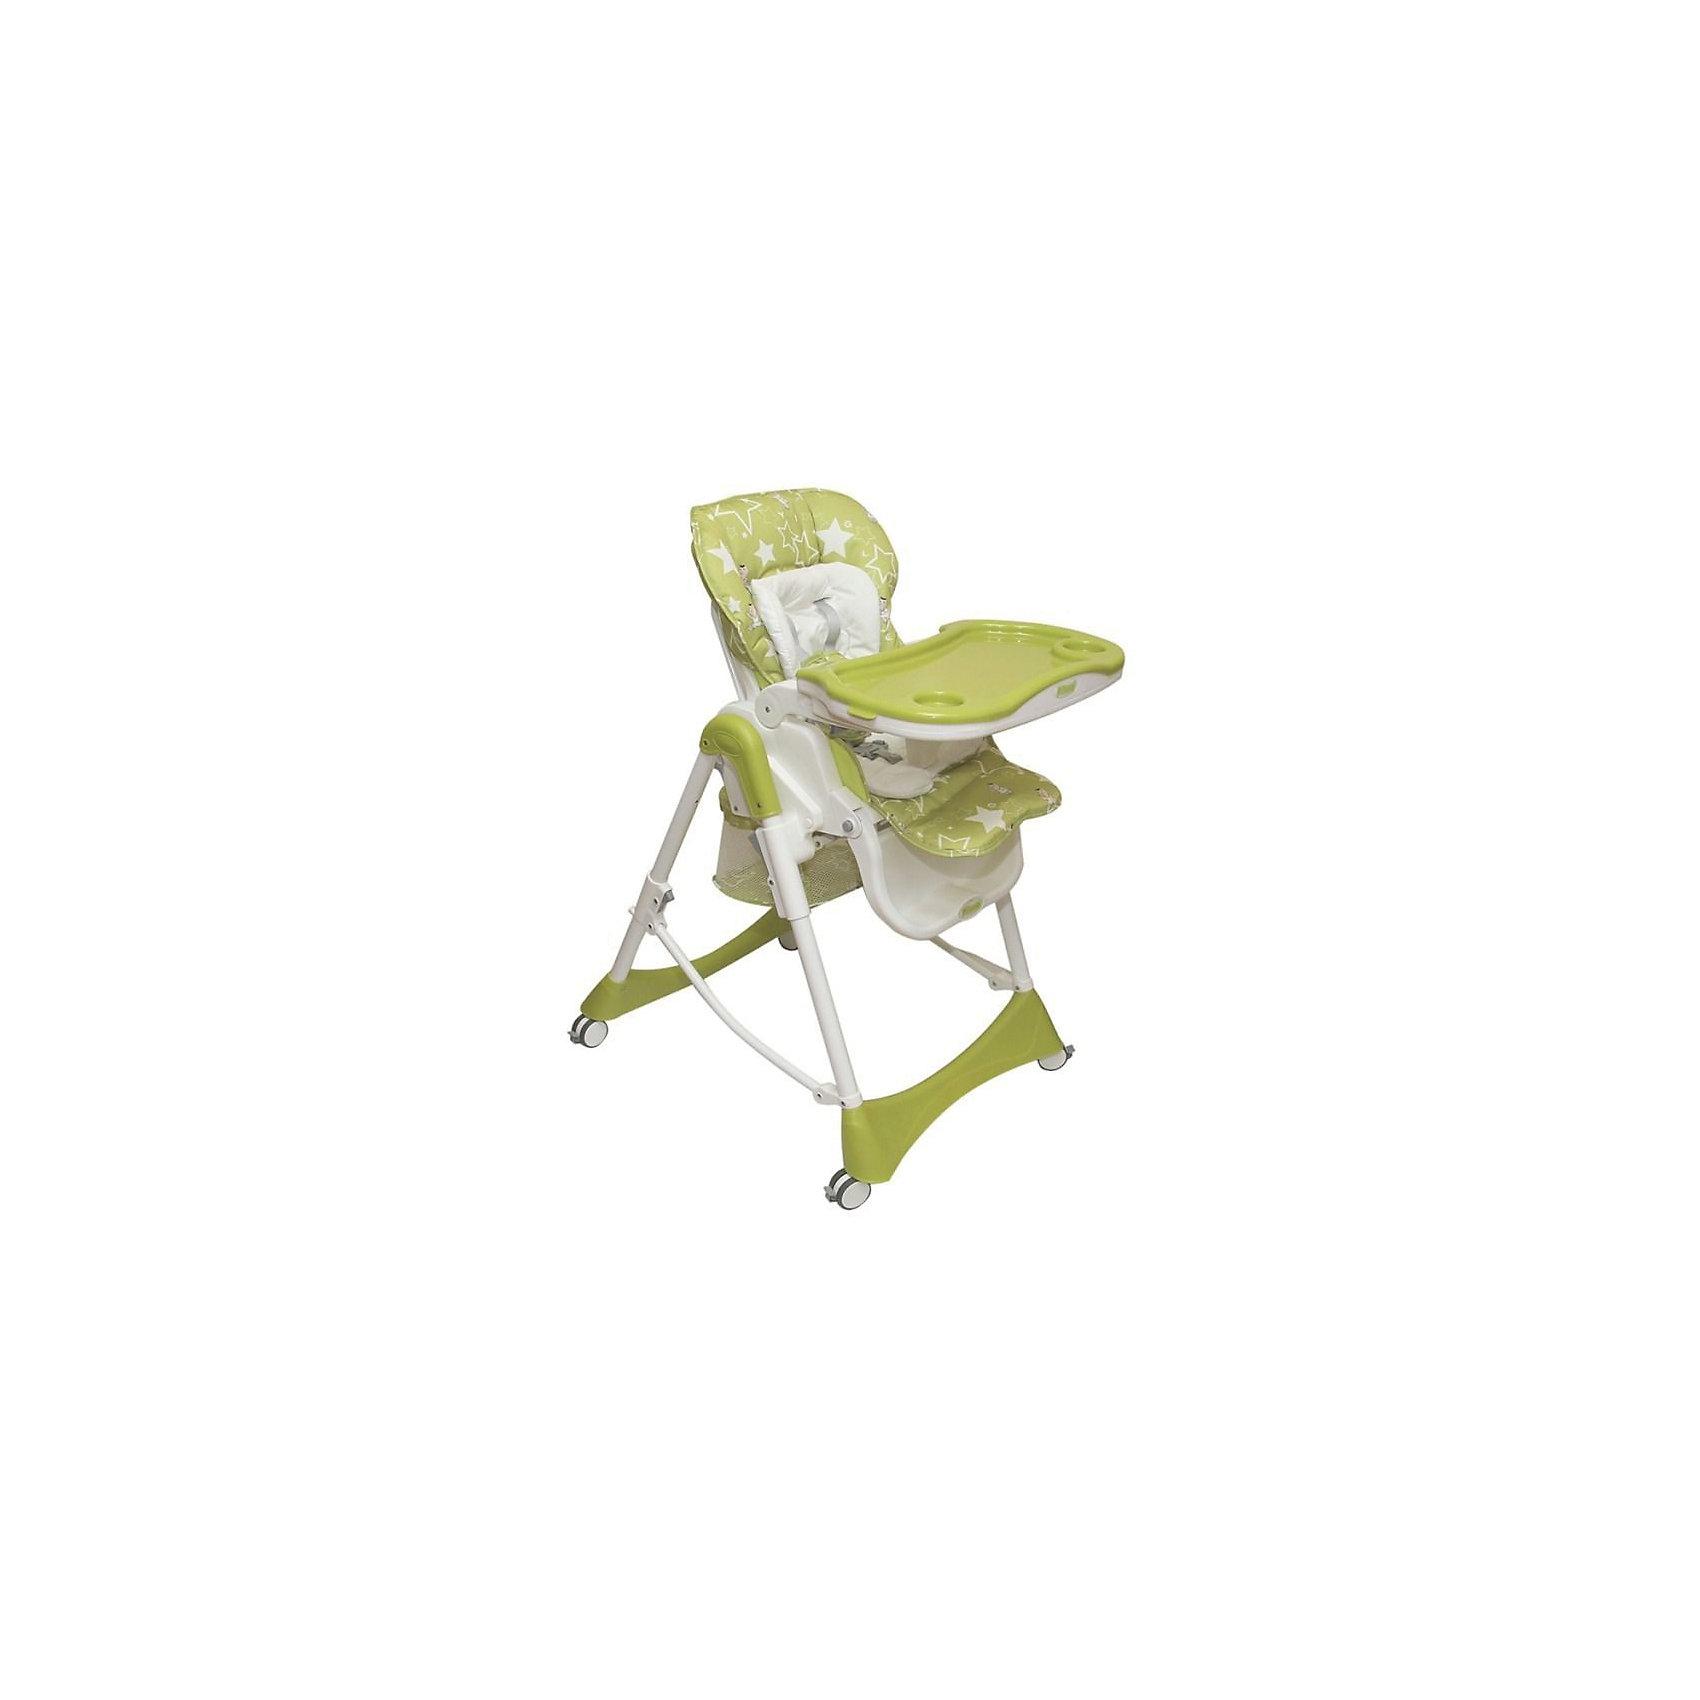 Pituso Стульчик для кормления Nana, Pituso, зеленый pituso стульчик для кормления bonito дружок попугай pituso белый